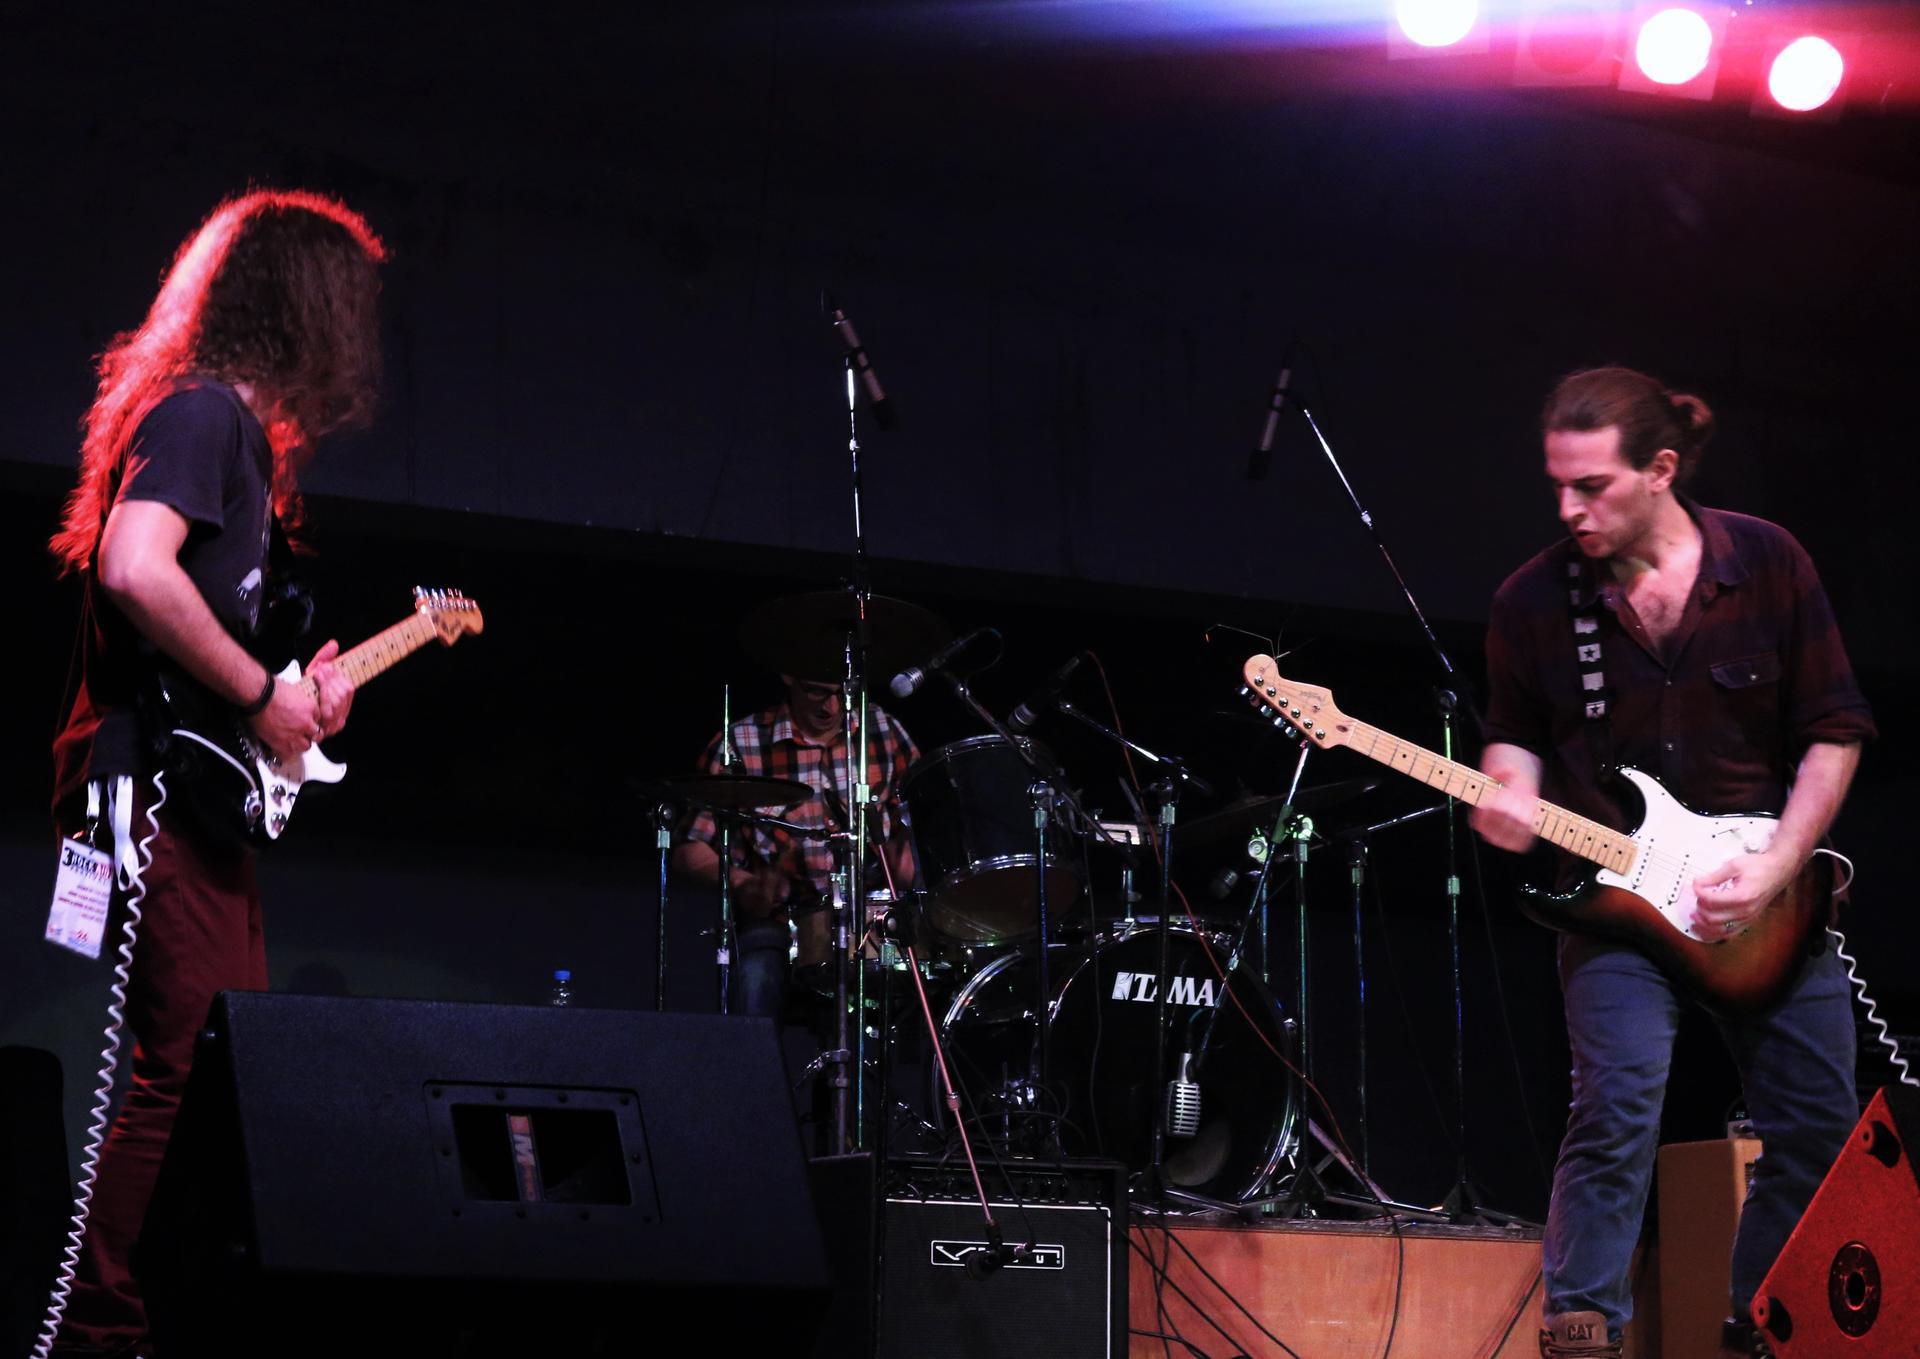 3d Rock aid festival